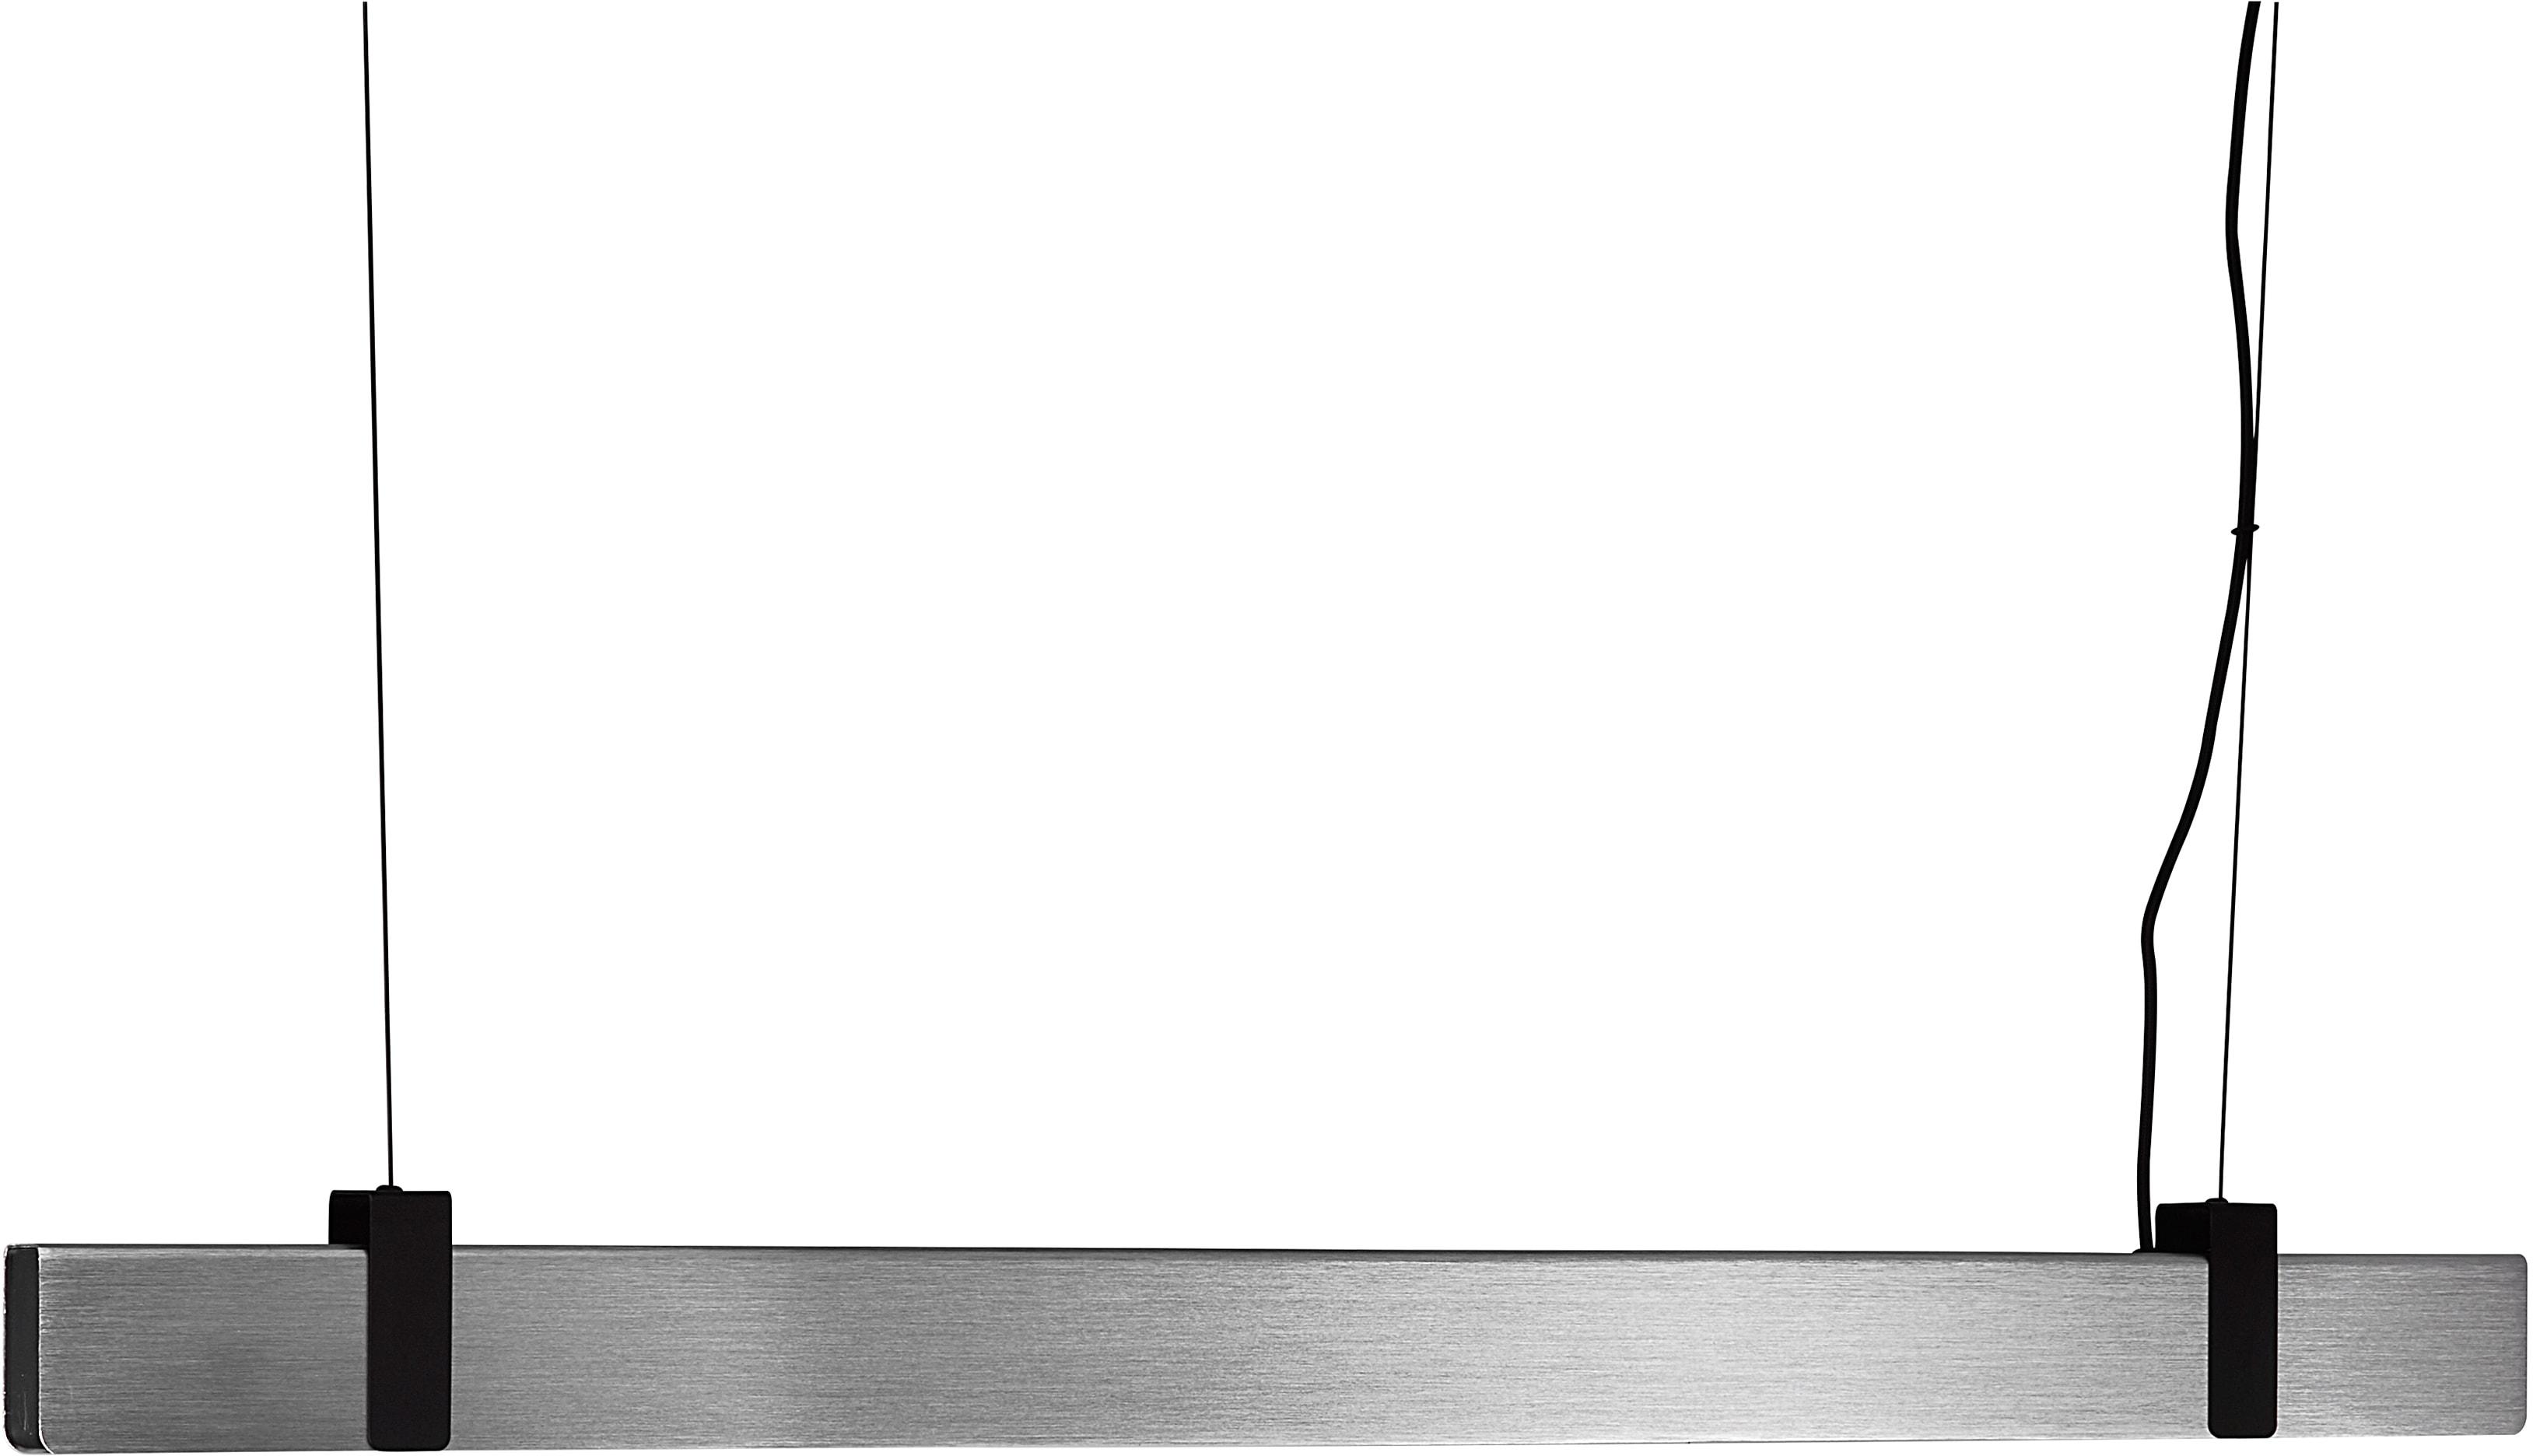 Nordlux LED Deckenleuchte LILT, LED-Modul, Farbwechsler, inkl. LED Modul, inkl. Dimmer, 5 Jahre LED Garantie